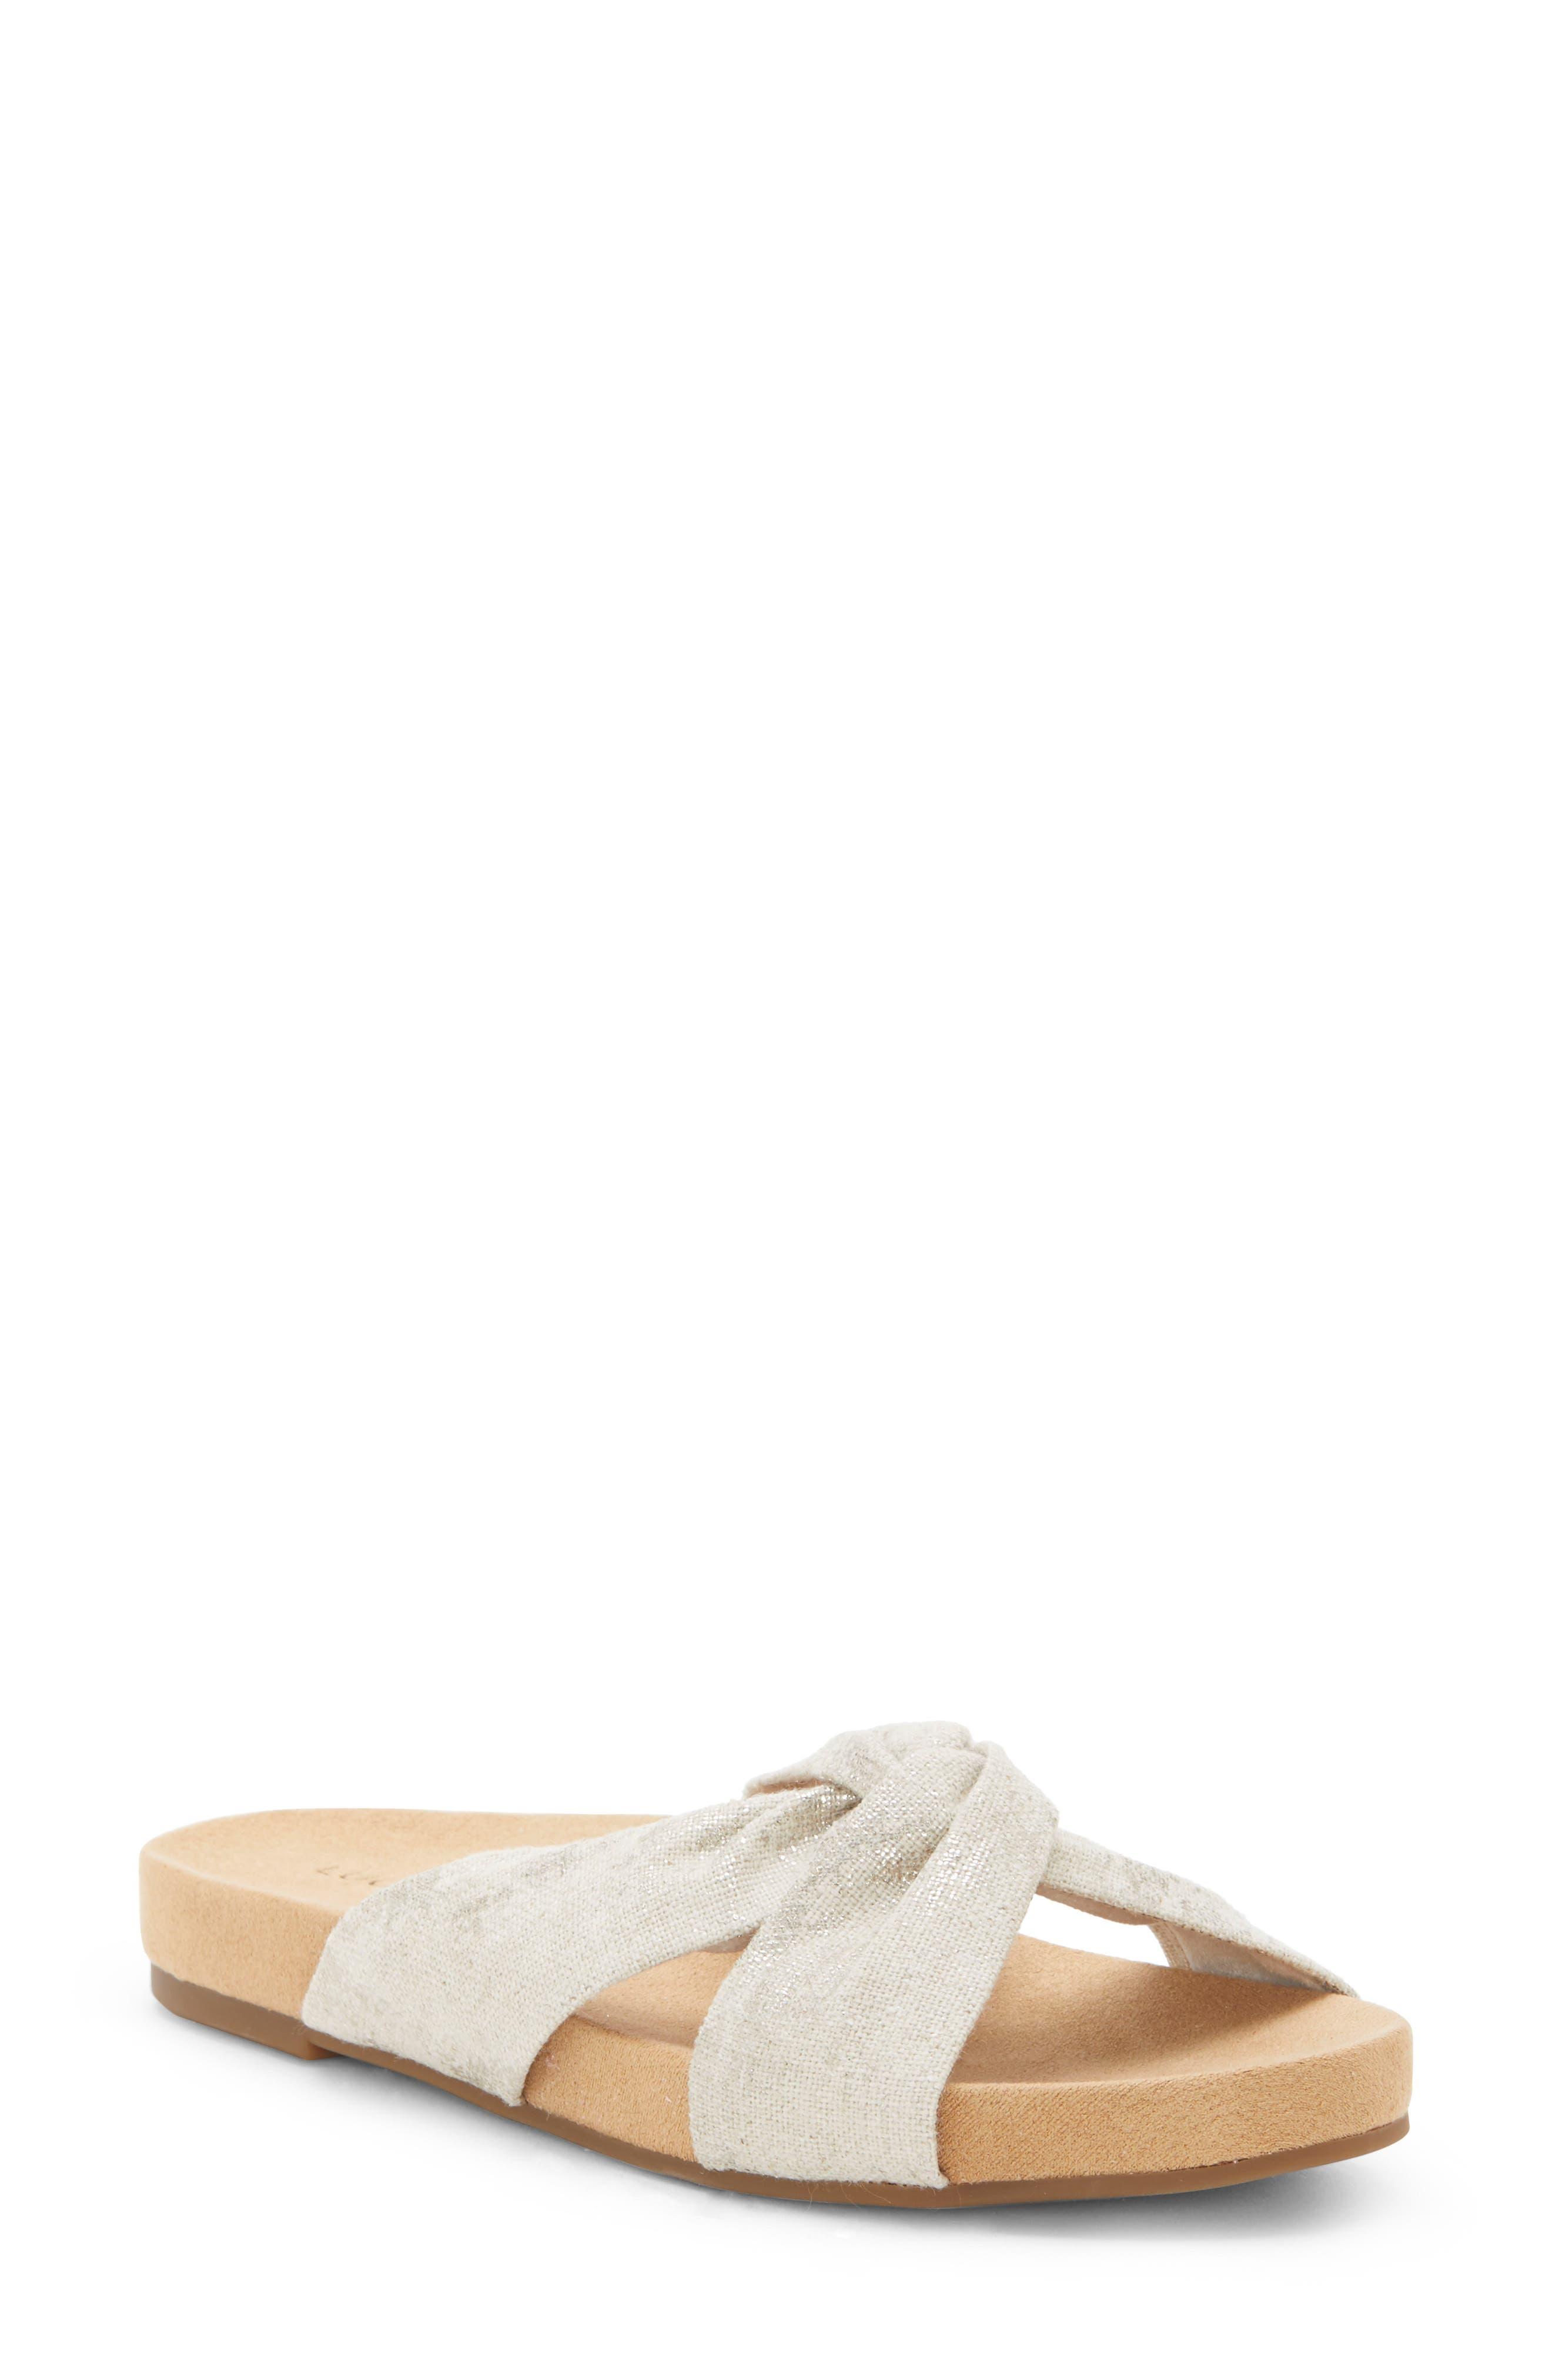 Lucky Brand Fynna Slide Sandal, Metallic